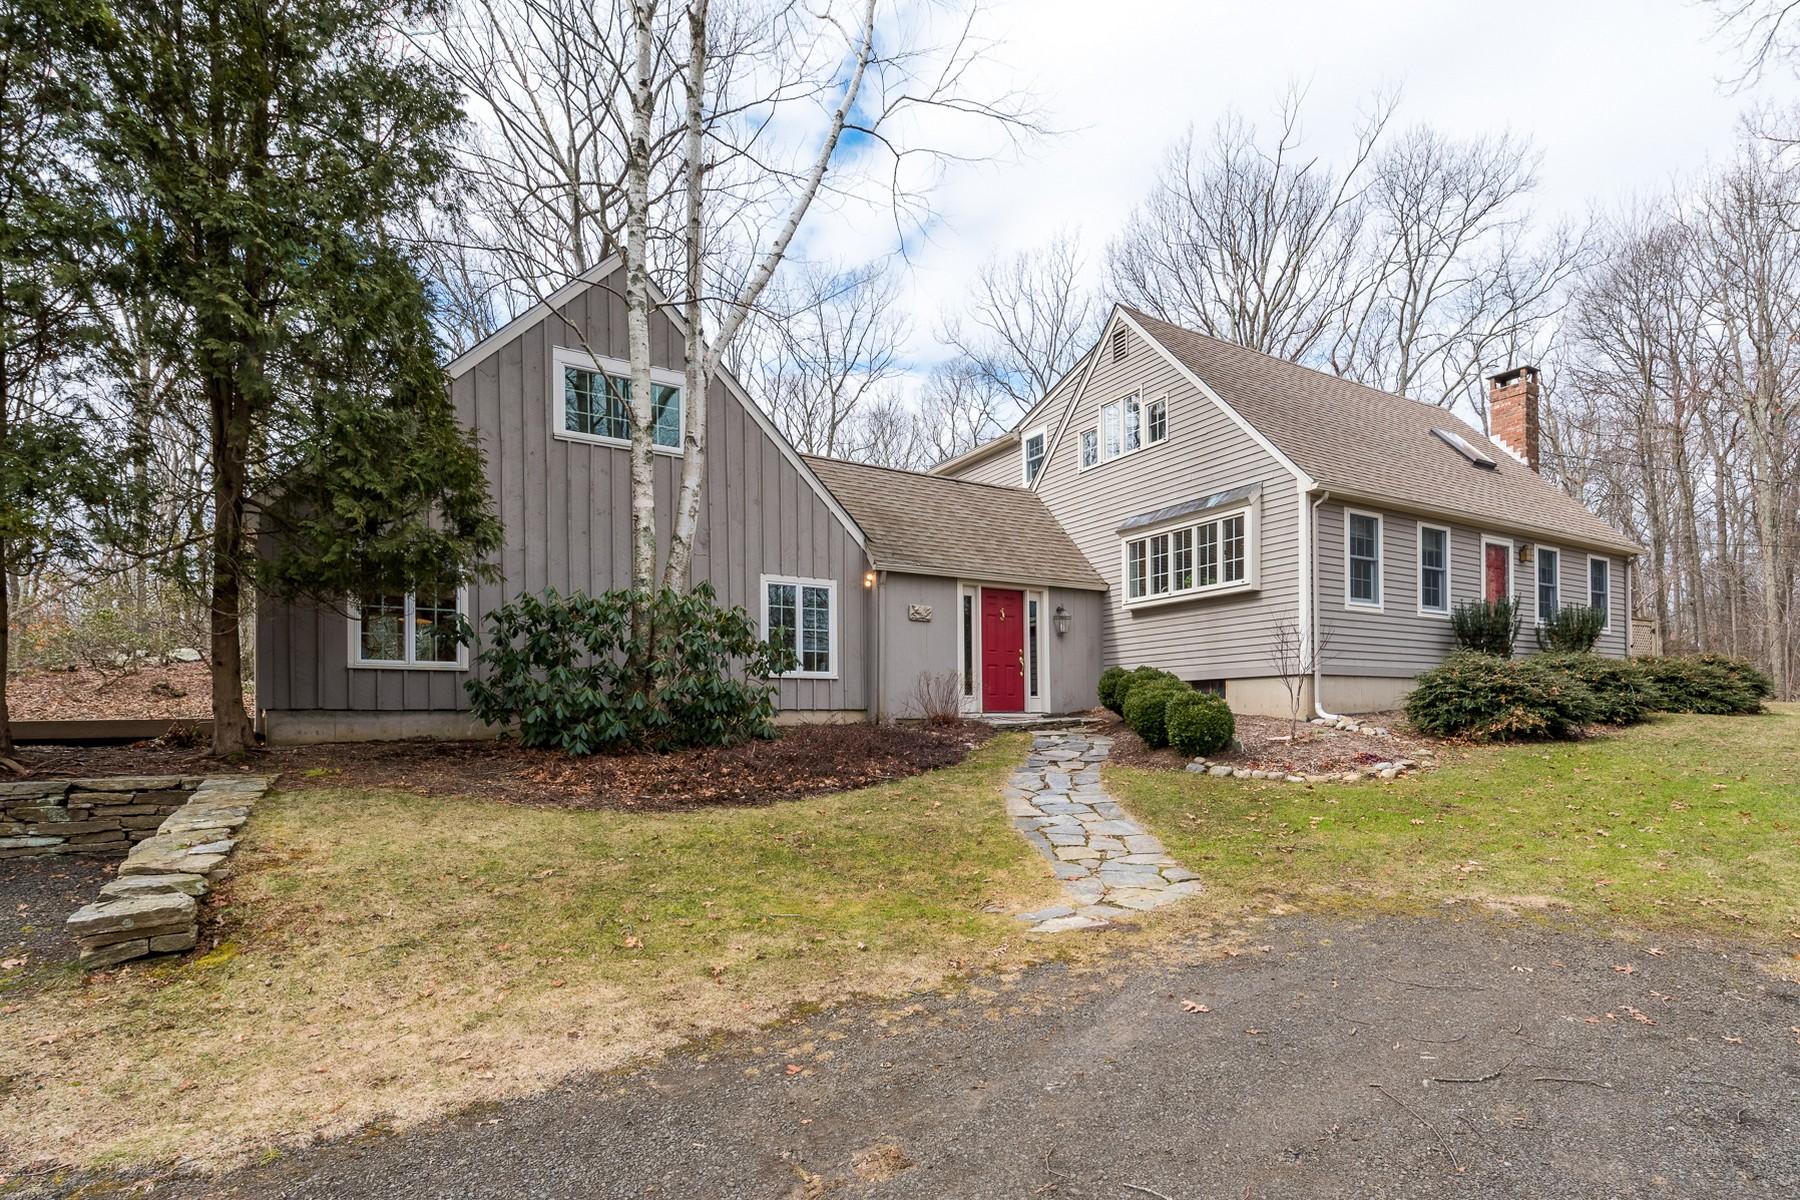 Частный односемейный дом для того Продажа на A Perfect Country Cape Minutes to Village 67 Turkey Hill Road, Chester, Коннектикут, 06412 Соединенные Штаты